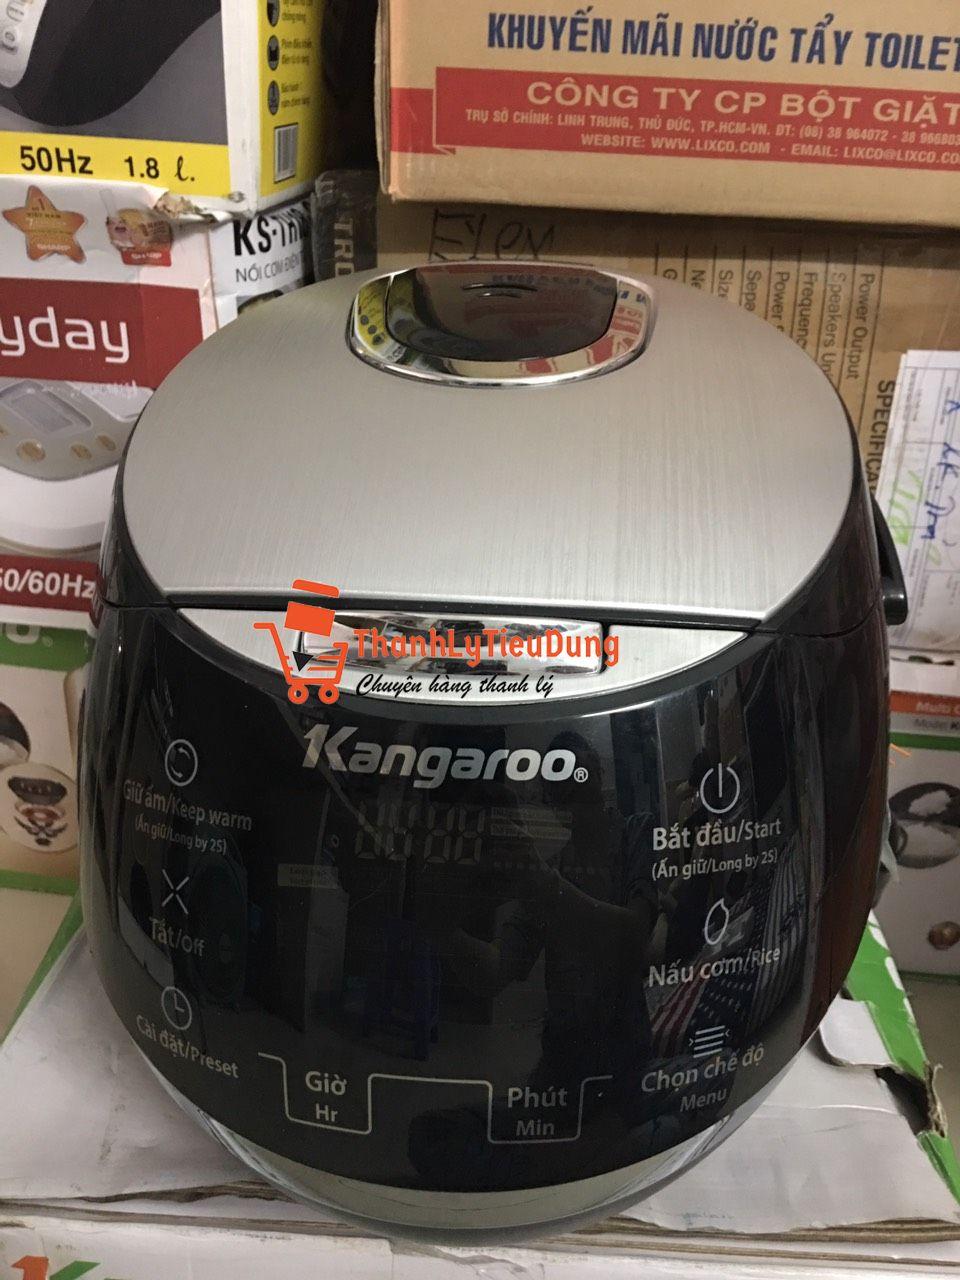 Nồi cơm điện tử 1.8 lít Kangaroo KG595 - ĐÃ QUA SỬ DỤNG